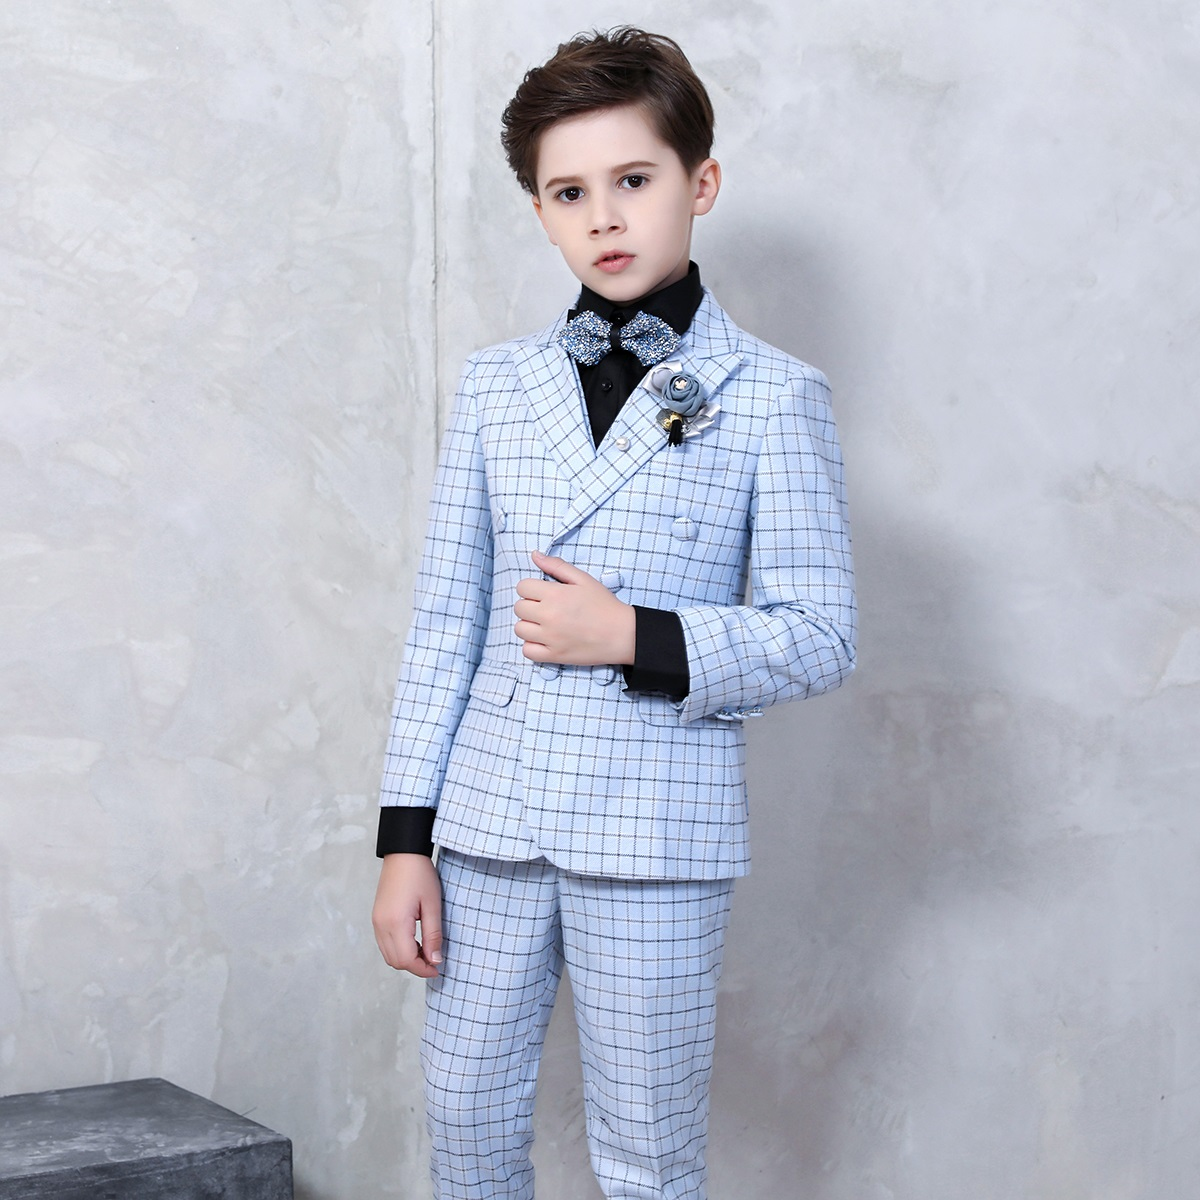 Бутик детская одежда мальчик официальный 2018 новый мальчик цветок девочка костюм Подиум платье костюм новый год платье набор наряды для Дня